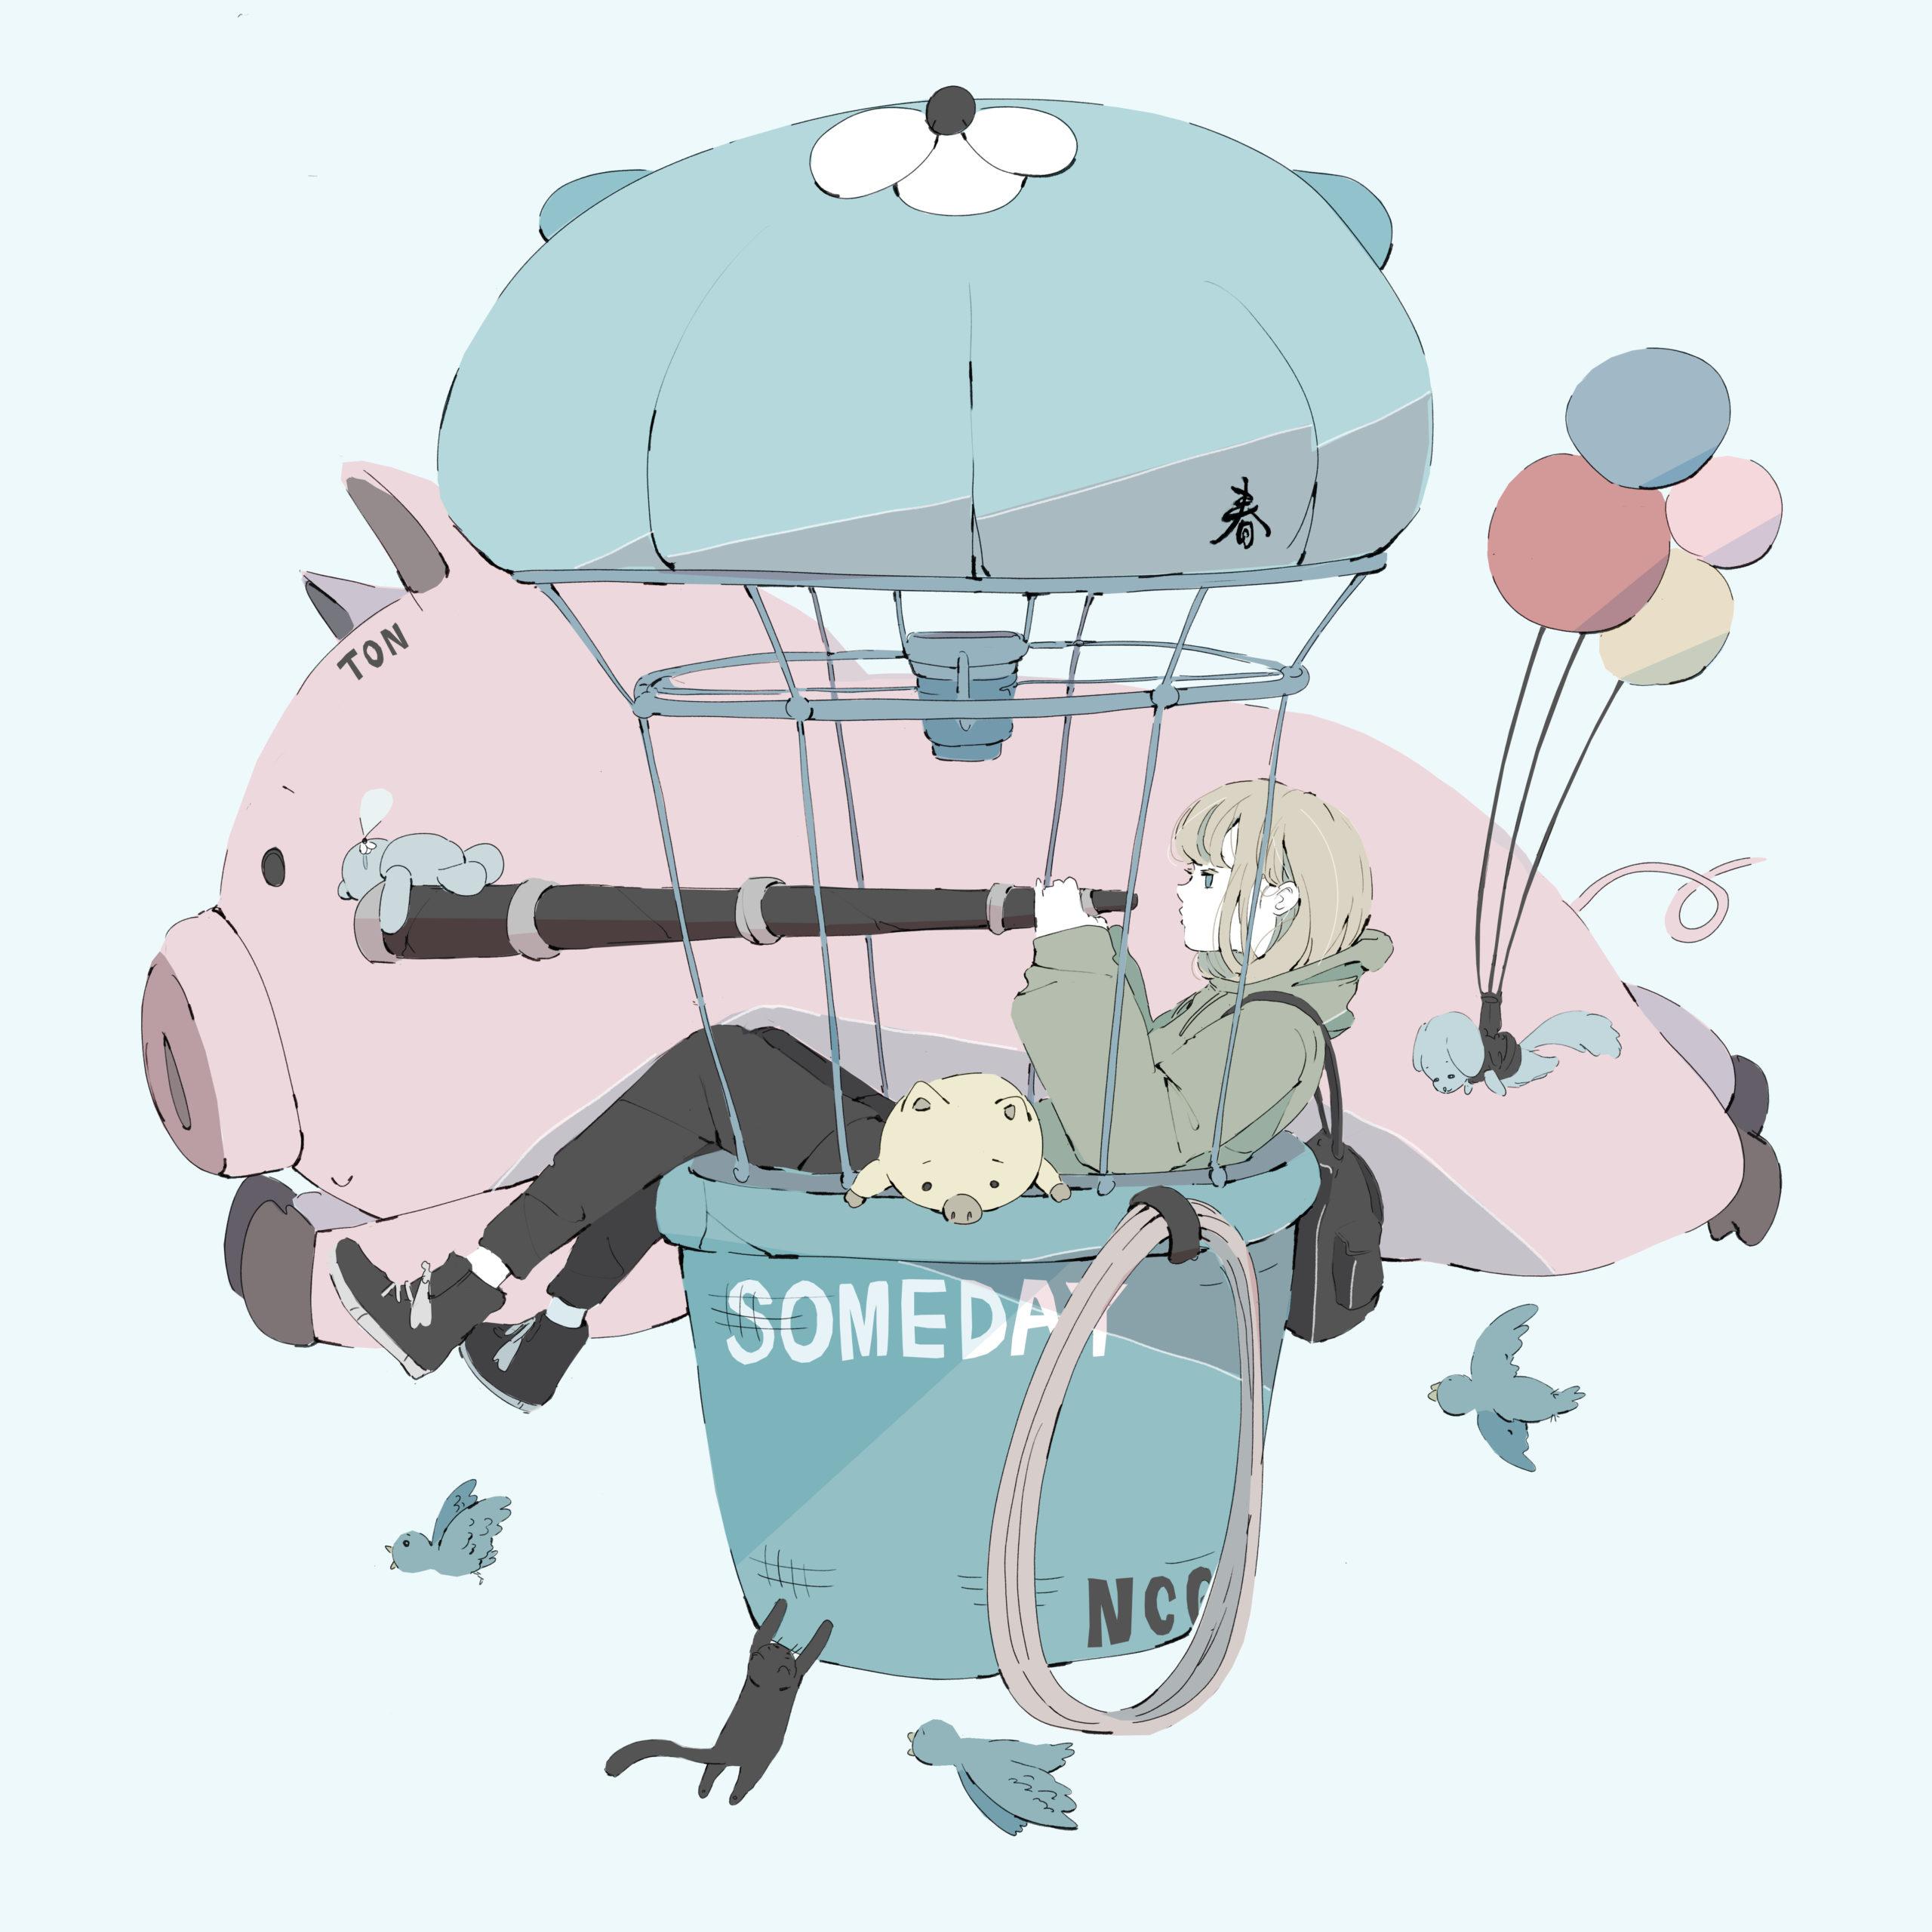 気球に乗って旅をする女の子と動物たちのイラスト